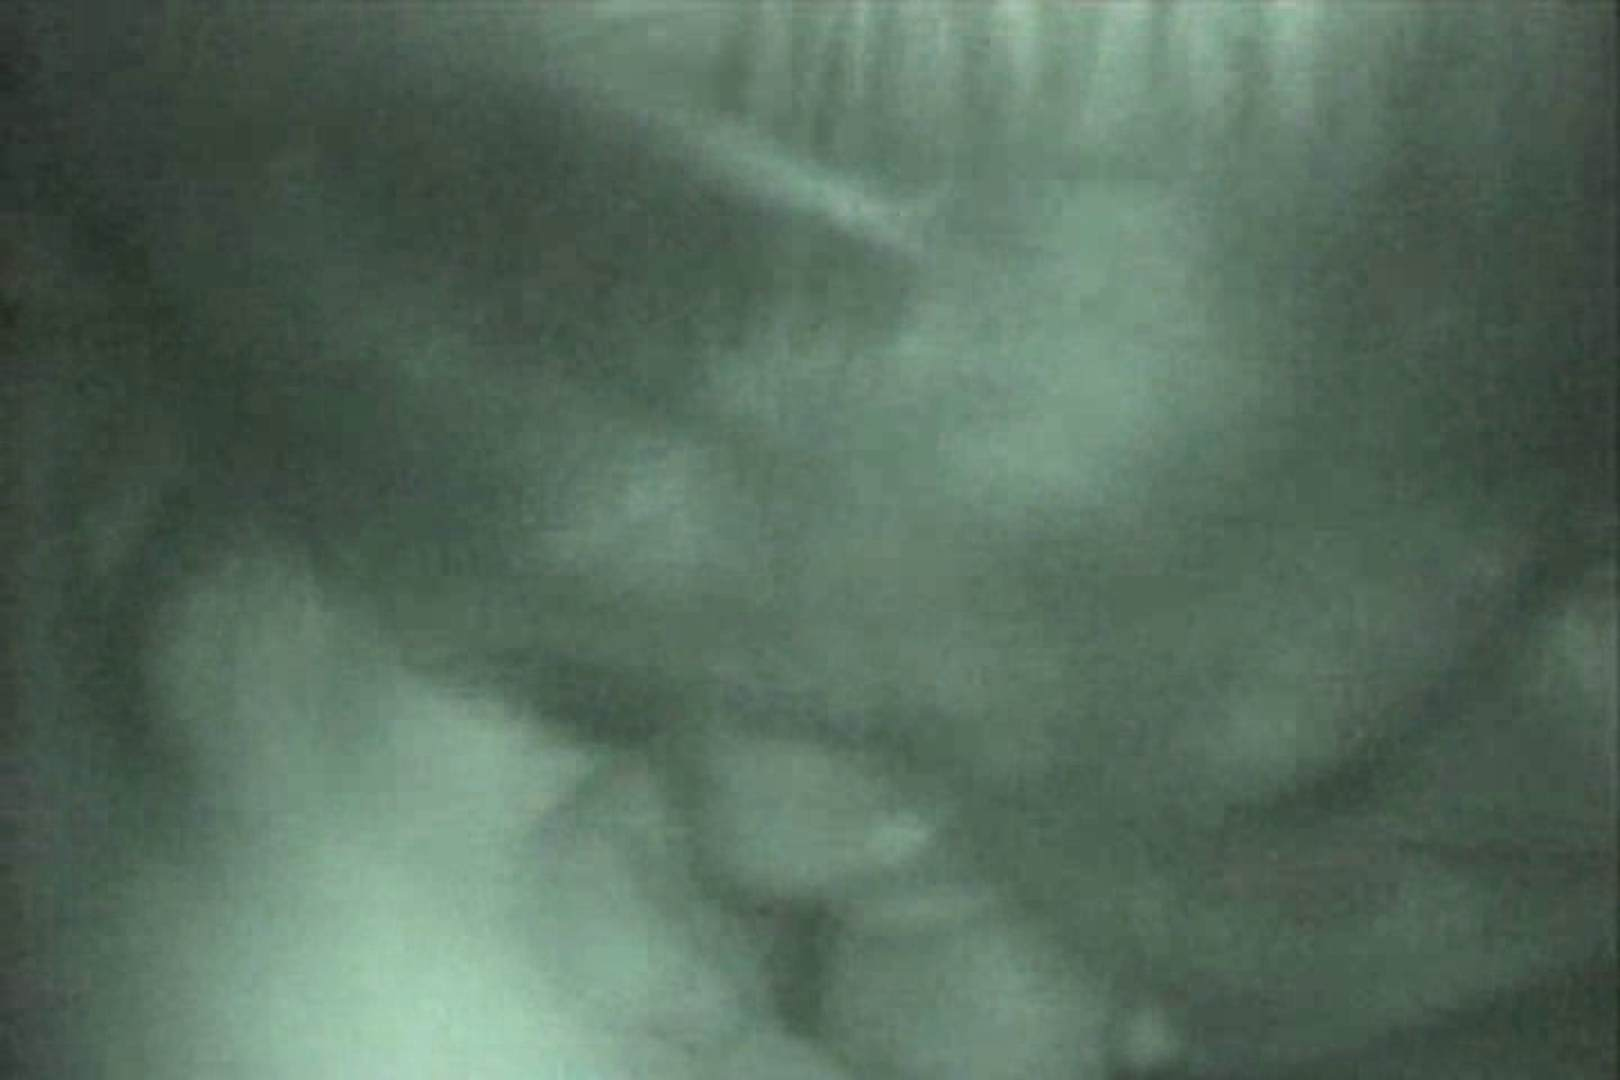 蔵出し!!赤外線カーセックスVol.14 美しいOLの裸体 ワレメ無修正動画無料 101pic 58